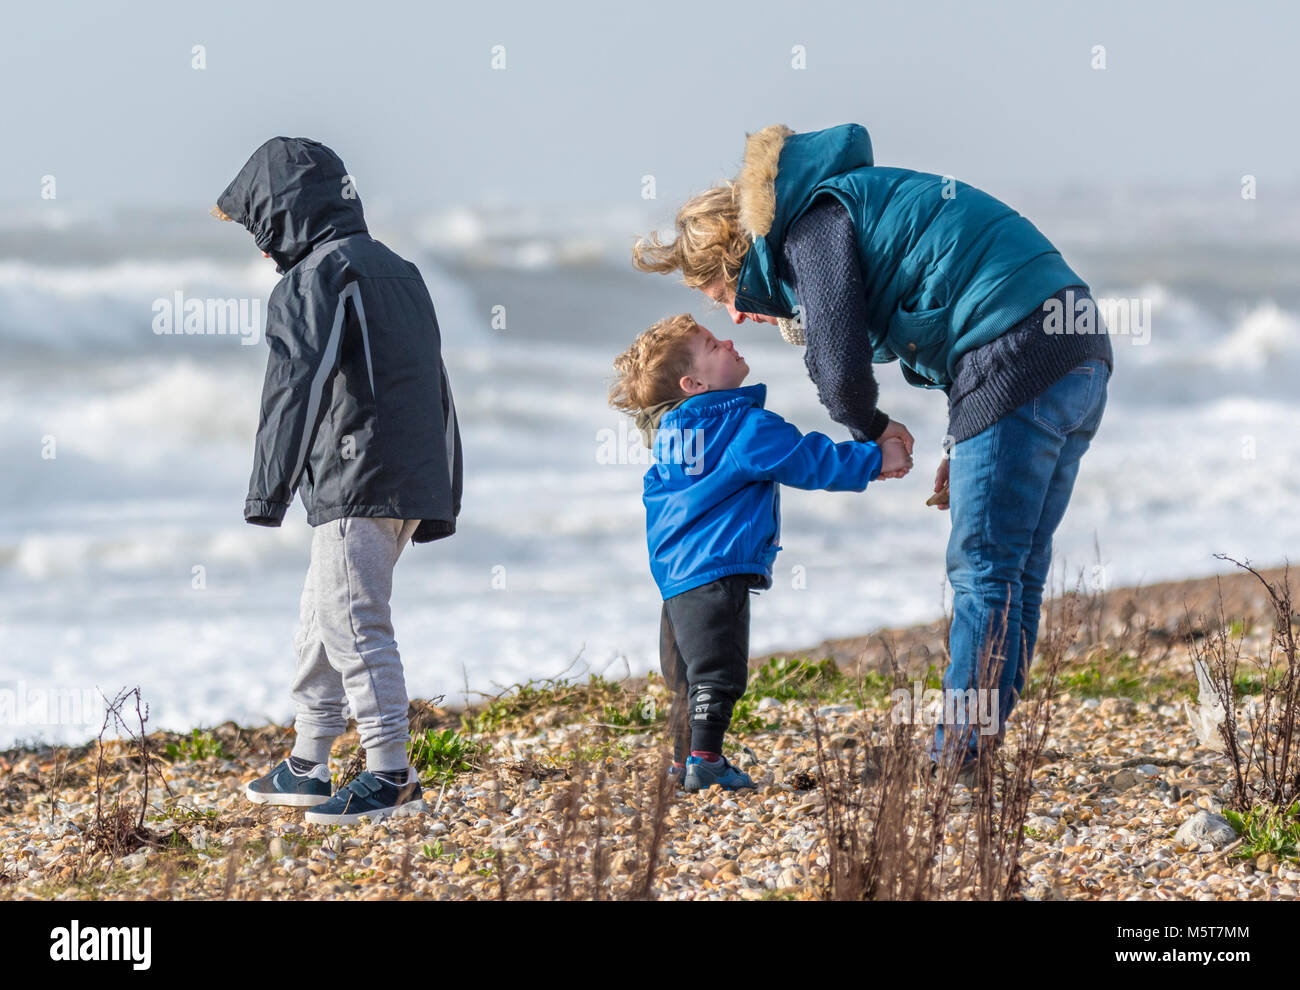 Donna con 2 bambini appaiono essere disciplinare uno di loro su una spiaggia in una fredda giornata ruvida in inverno Immagini Stock